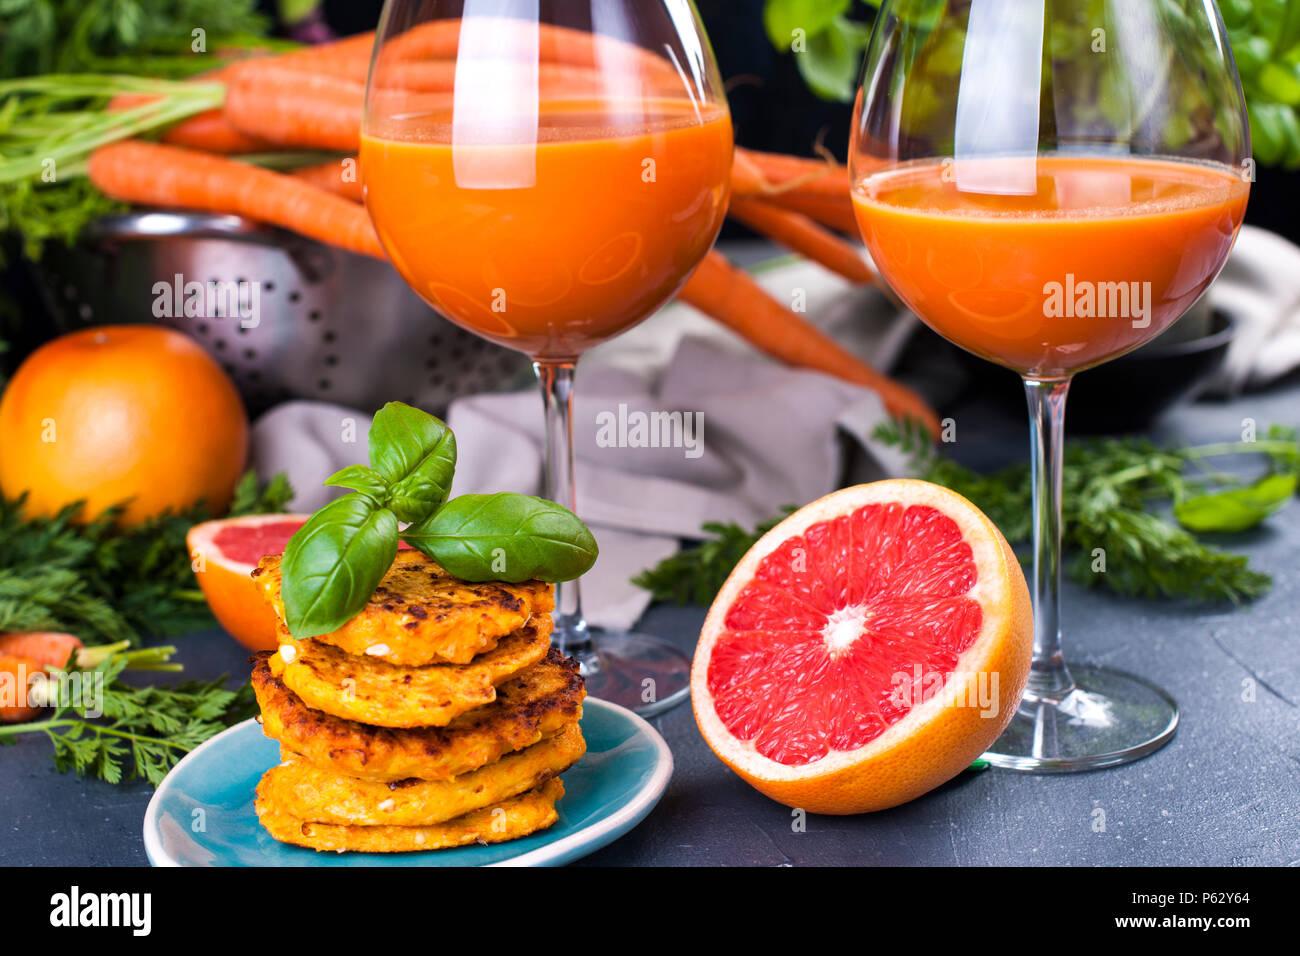 Dal succo di carote fresche e pompelmo in un bicchiere e fragrante pancake per colazione. Vitamina bere per una dieta sana. Vitamine nel cibo. Spazio di copia Immagini Stock